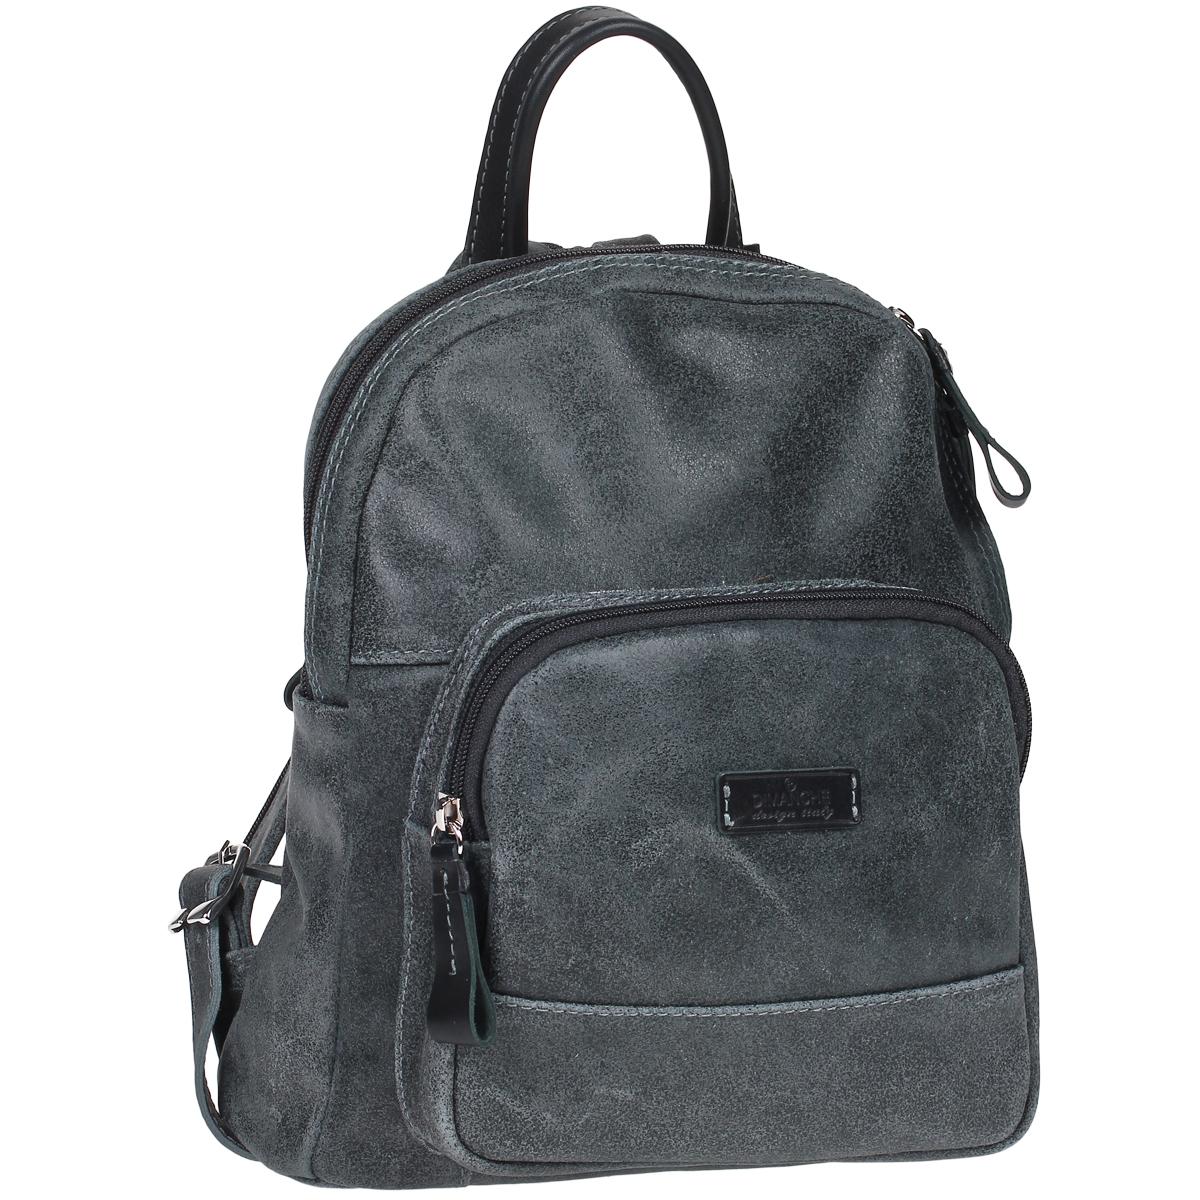 Рюкзак Dimanche, цвет: темно-серый. 468/36468/36Стильный рюкзак Dimanche выполнен из натуральной кожи темно-серого цвета. Рюкзак имеет одно основное отделение, которое закрывается на застежку-молнию. Внутри - открытый карман и два накладных кармашка для телефона и мелких бумаг. С лицевой и задней стороны рюкзака расположены дополнительные карманы на застежке-молнии. Рюкзак оснащен двумя лямки регулируемой длины, которые при помощи молнии соединяются в одну и удобной ручкой для переноски. Фурнитура - серебристого цвета. Рюкзак упакован в фирменный текстильный мешок. Стильный рюкзак Dimanche станет финальным штрихом в создании вашего неповторимого образа. Характеристики: Материал: натуральная кожа, текстиль, металл. Цвет: темно-серый. Размер рюкзака: 25 см х 28 см х 13 см. Высота ручки: 10 см. Длина лямок (регулируется): 73 см.